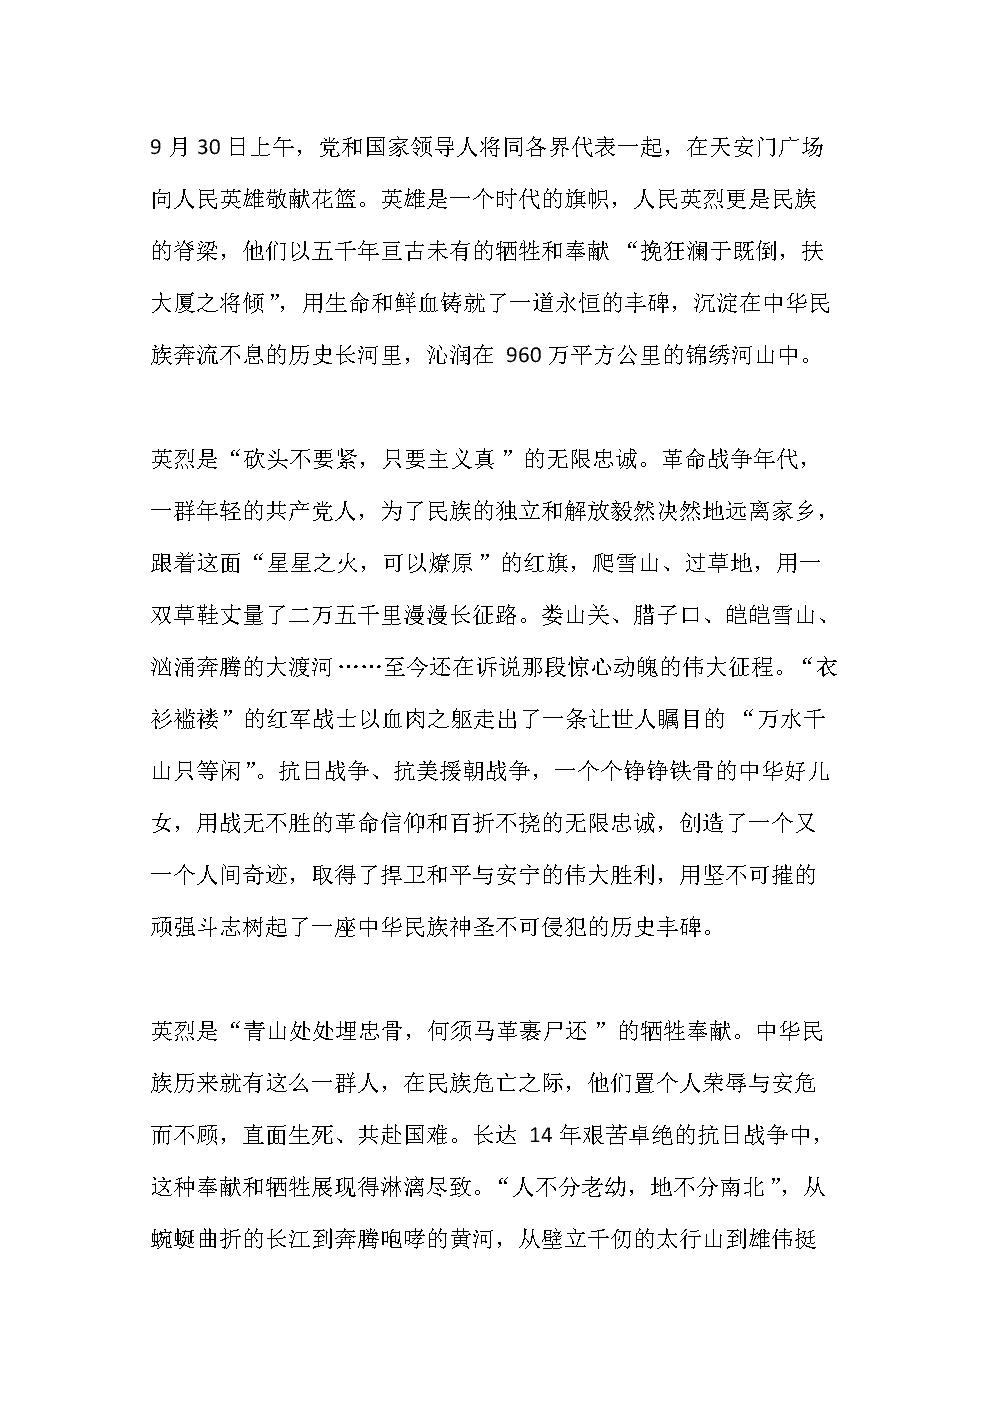 《抗美援朝战争史》读后感心得4.doc